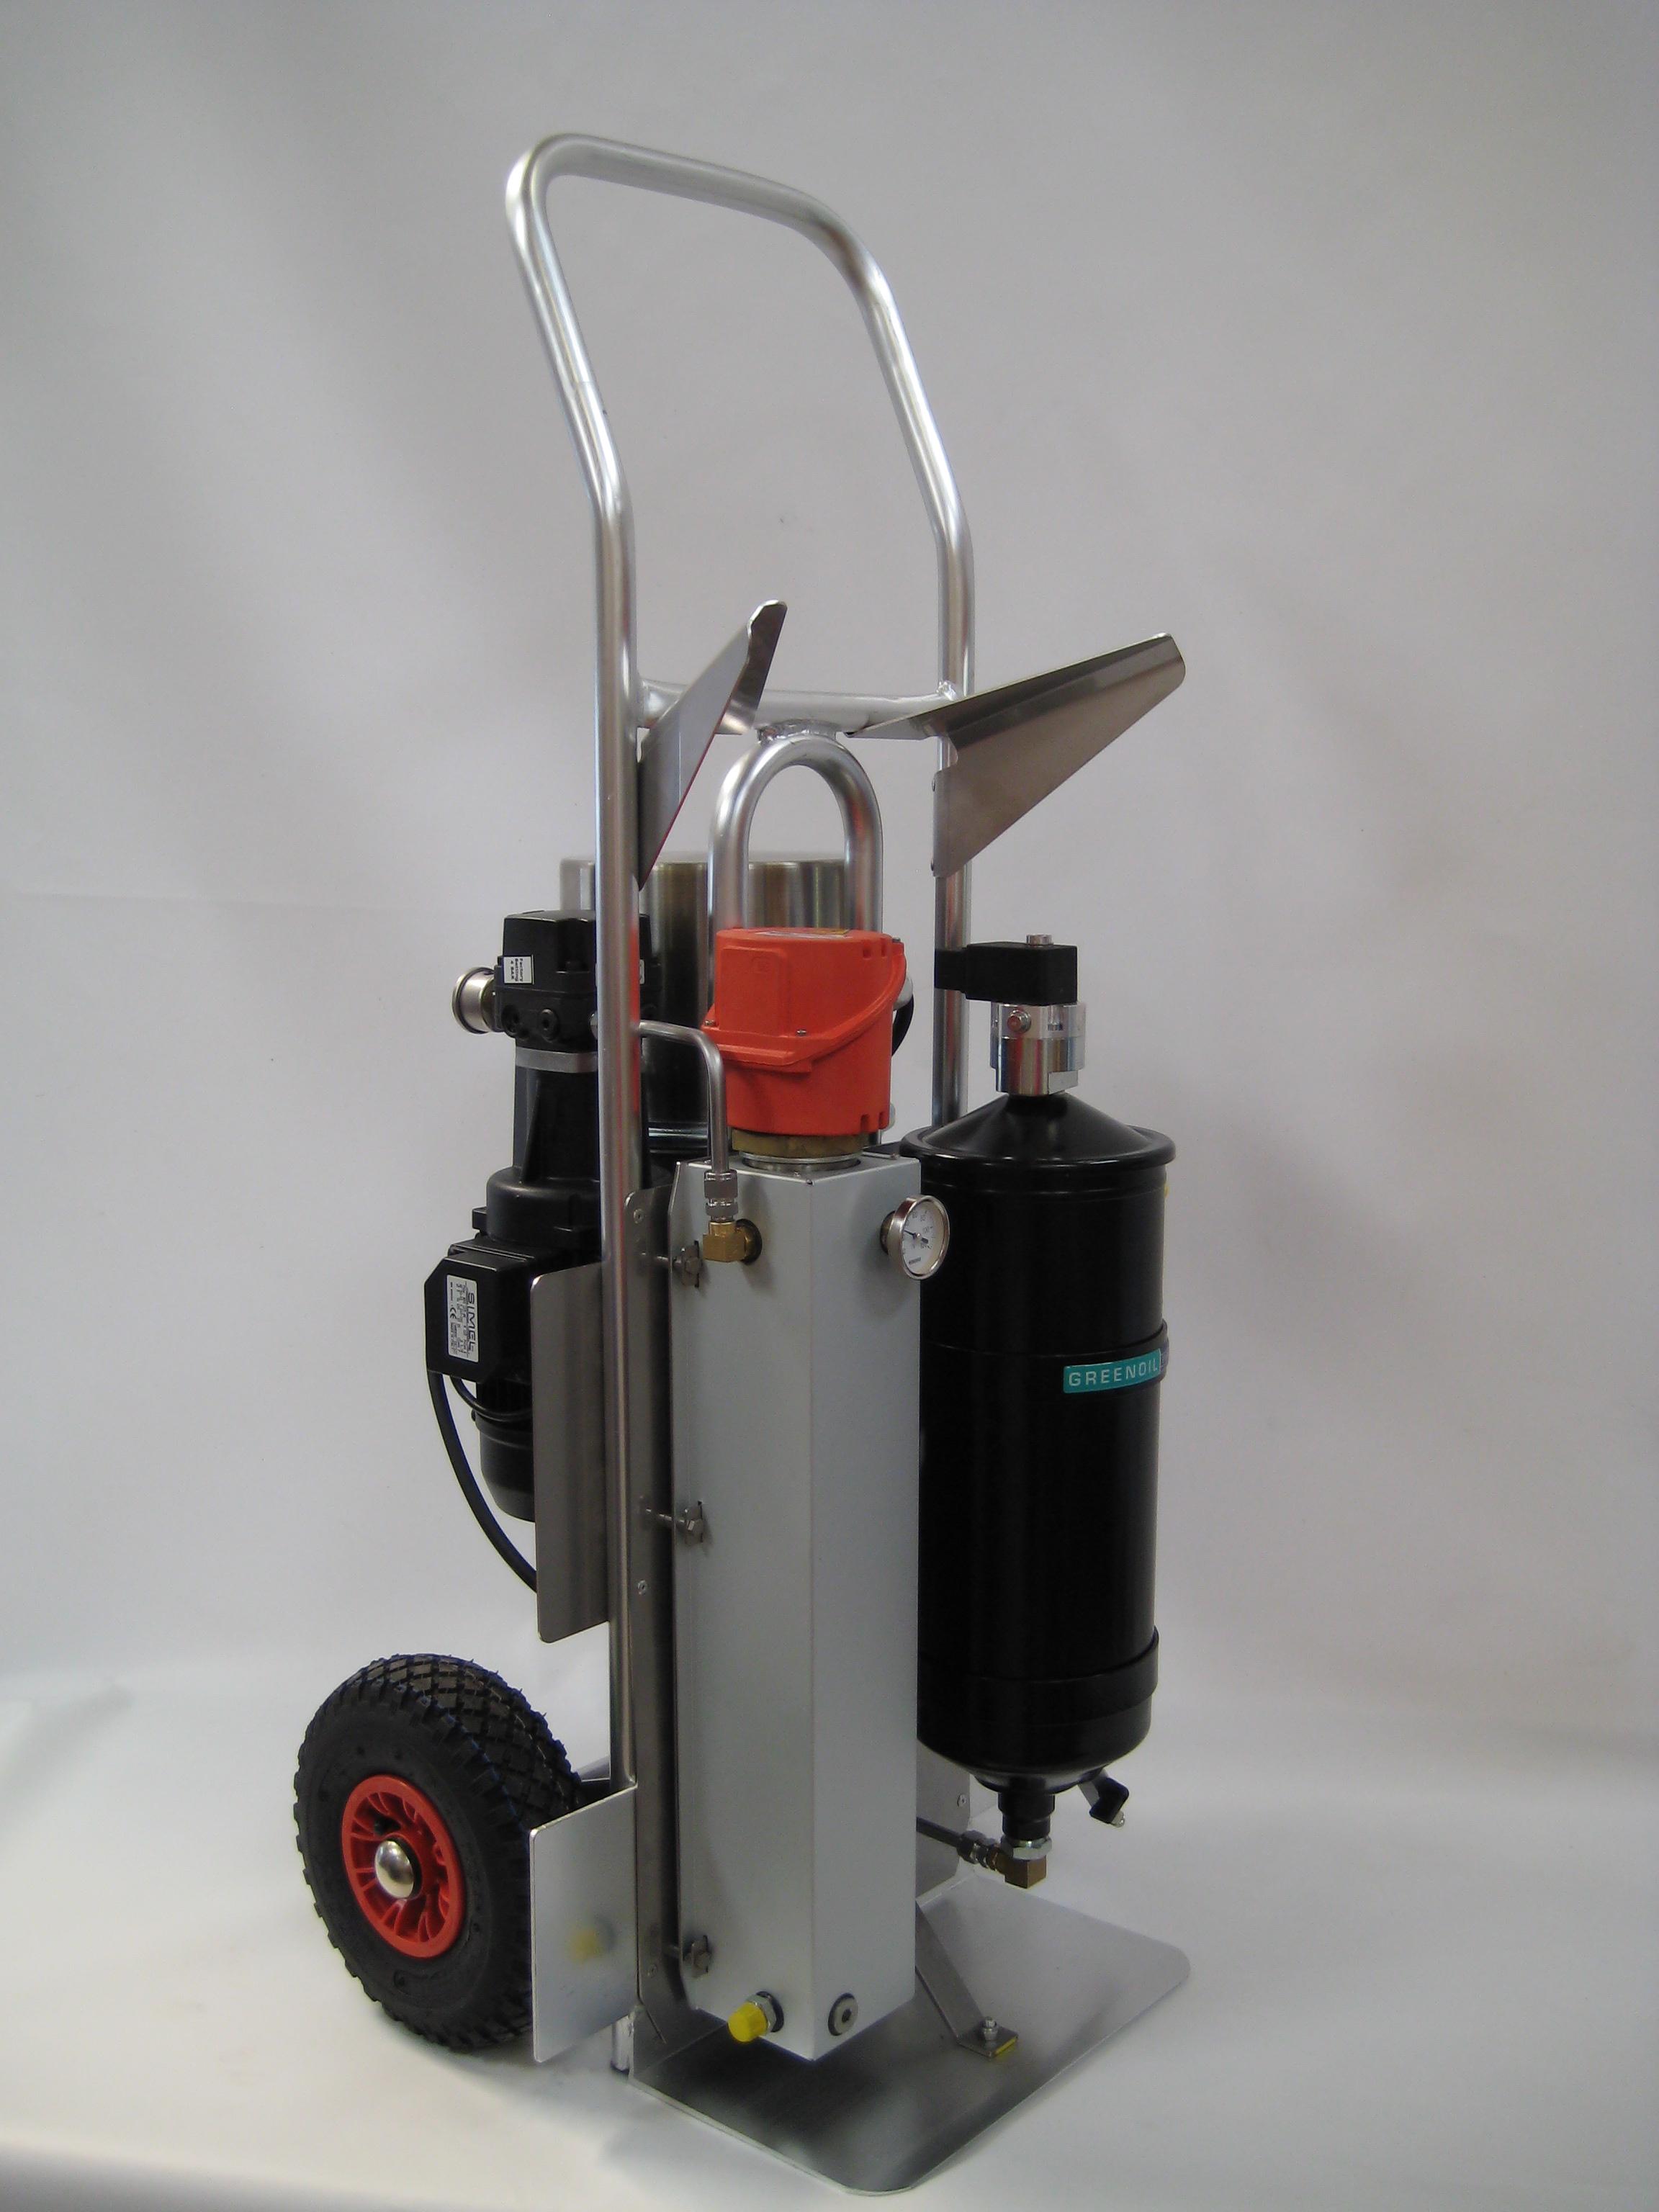 GreenOil WP1-CH1-100-MOB